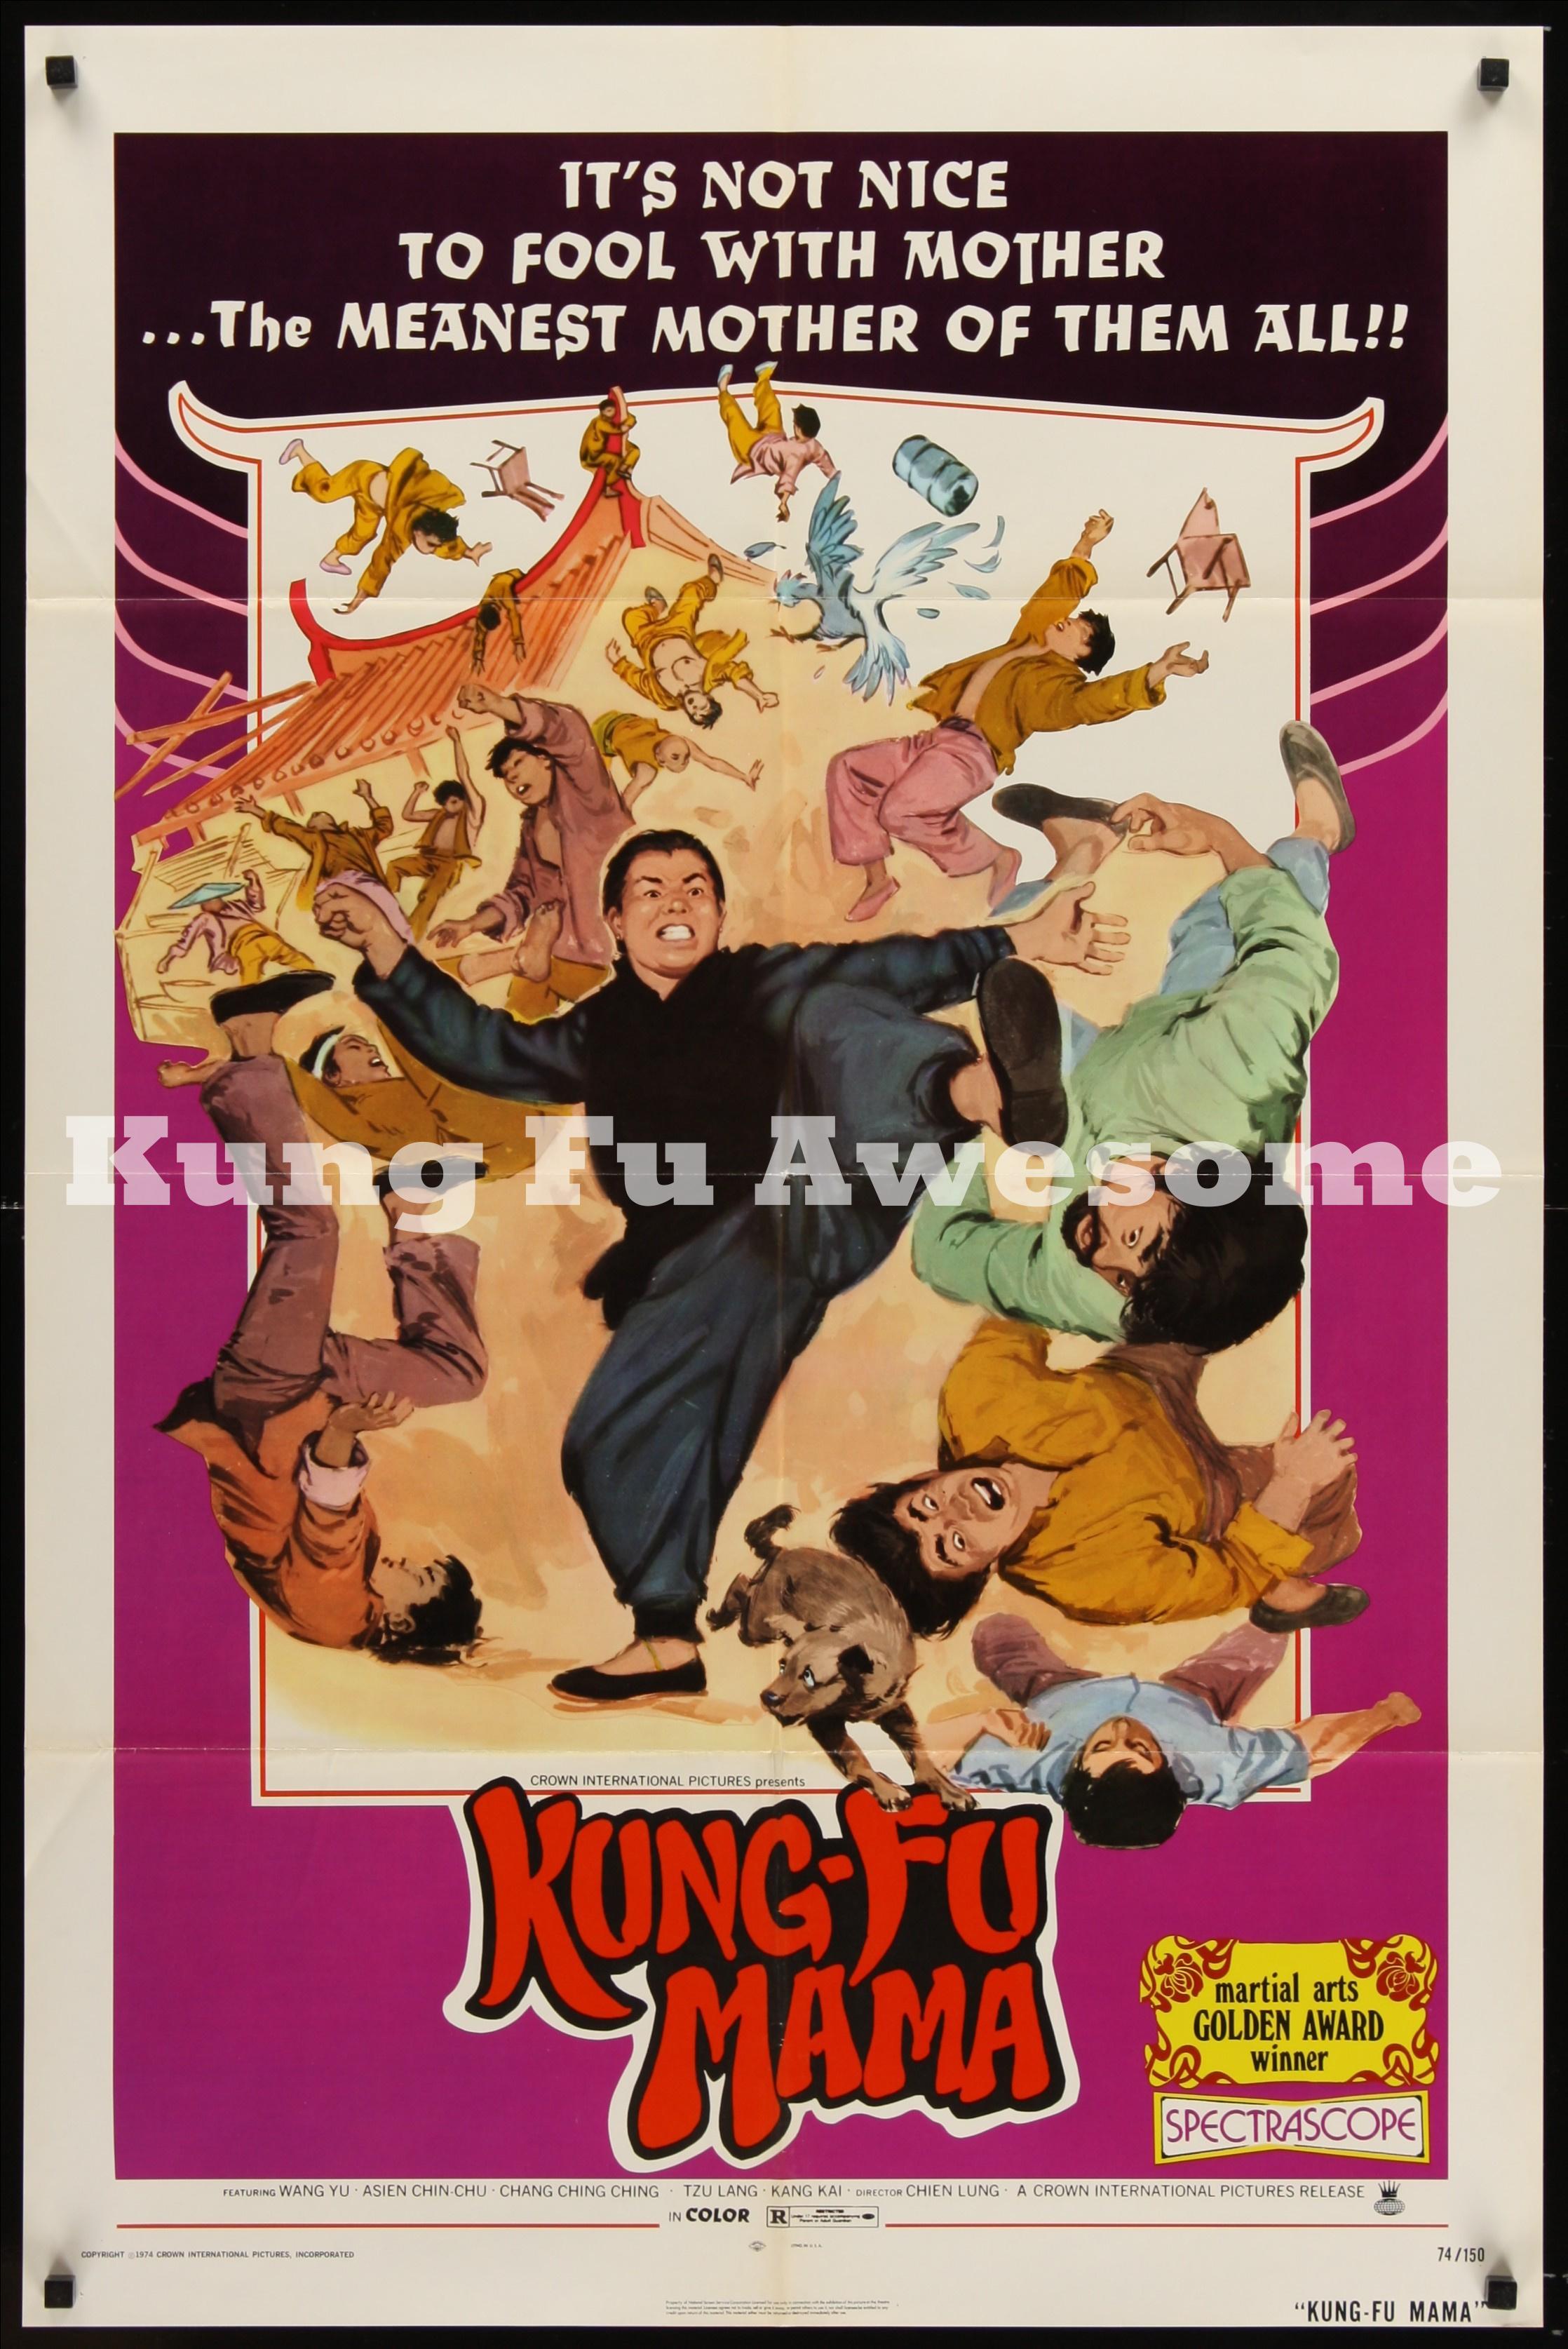 kung_fu_mama_NZ03864_L.jpg